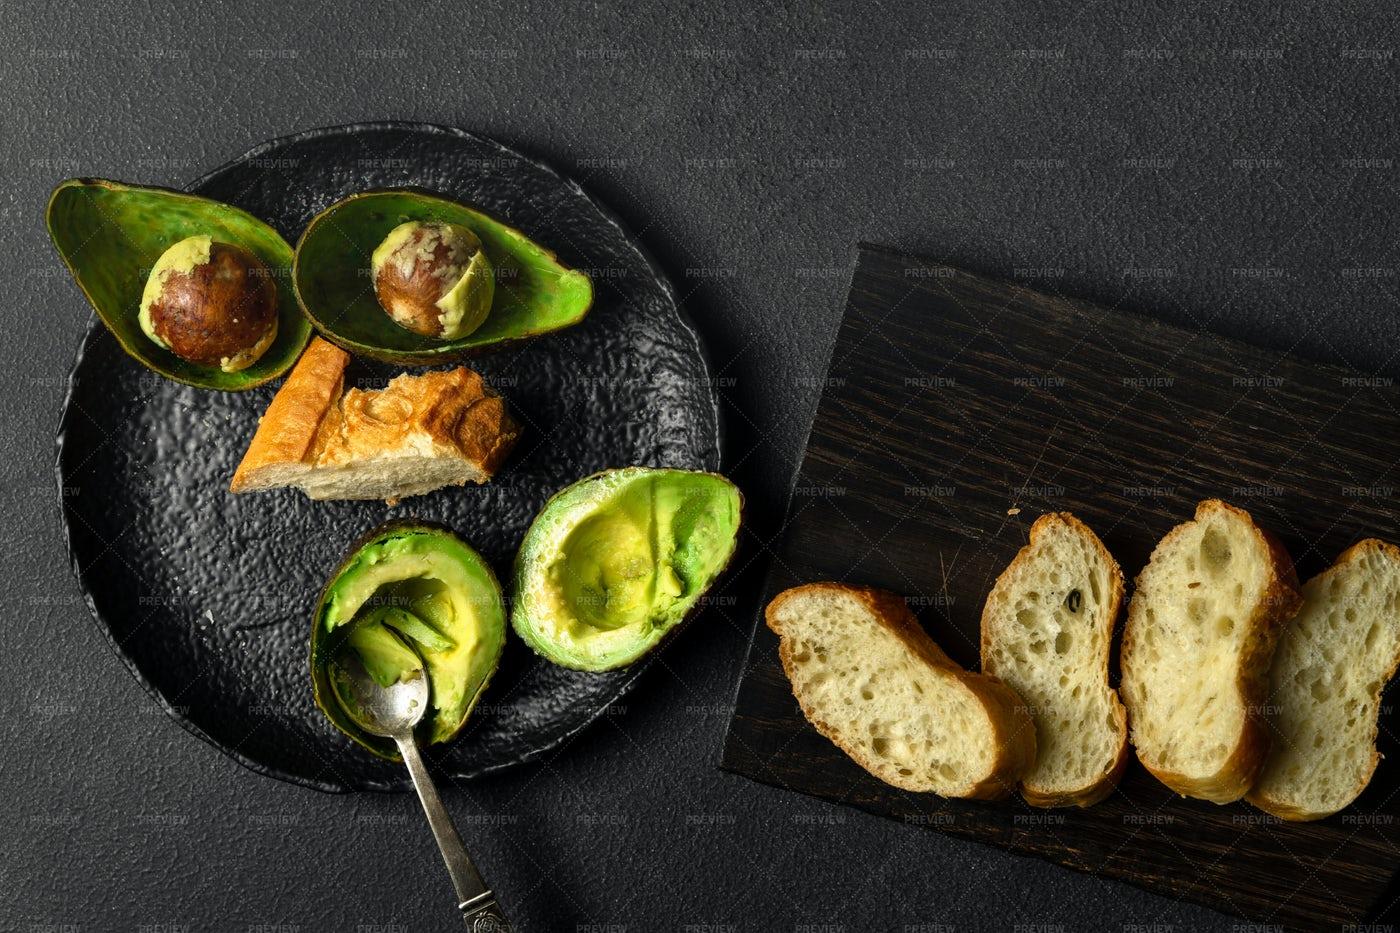 Avocado Halves And Bread: Stock Photos